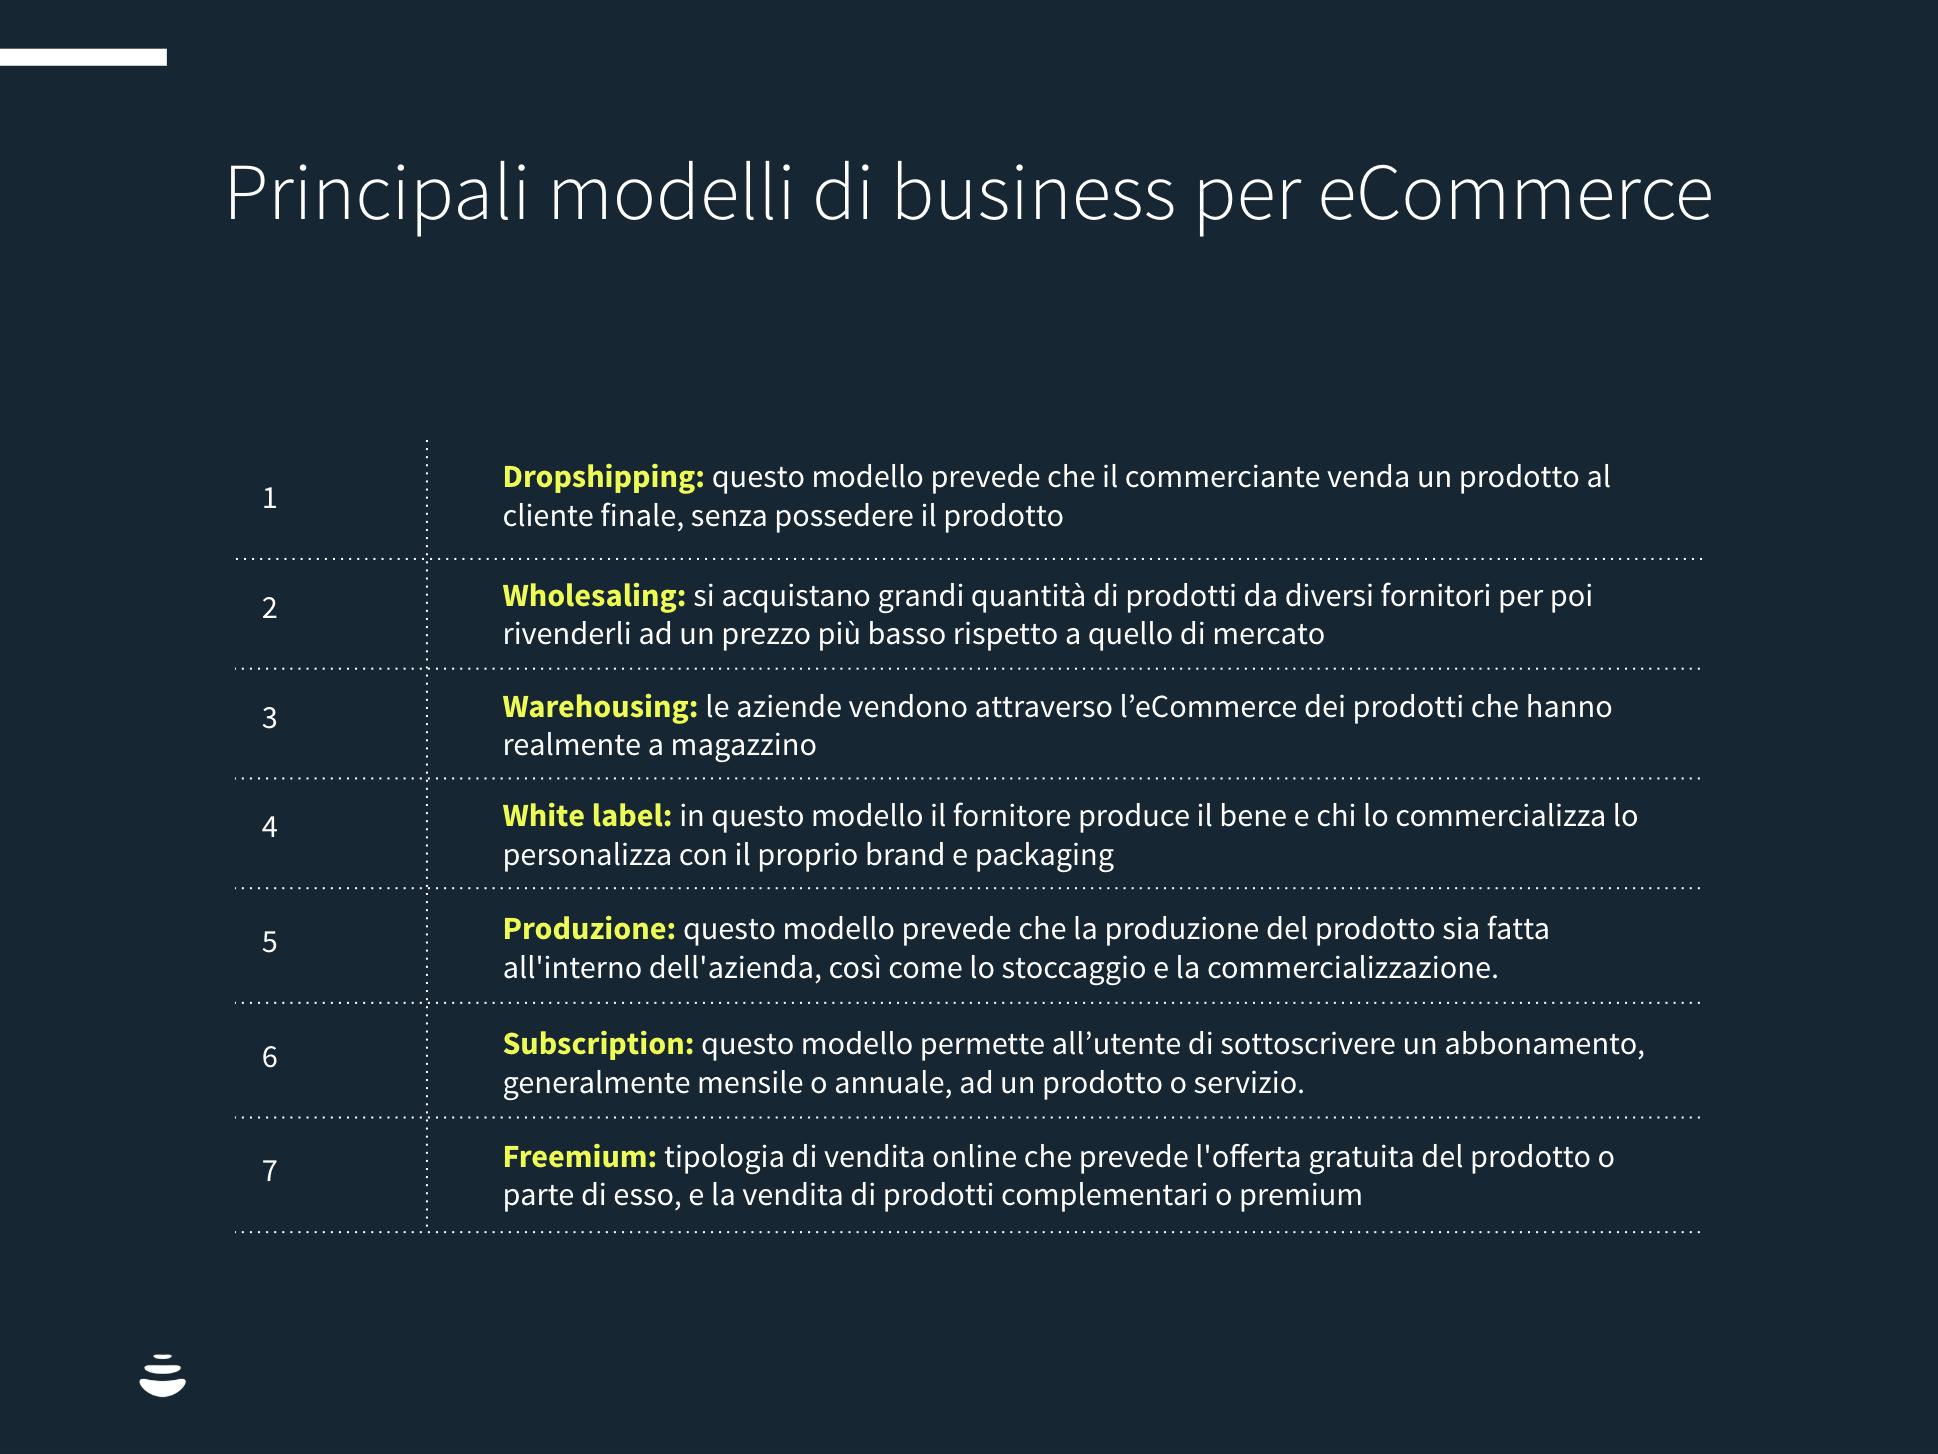 principali modelli di business per ecommerce